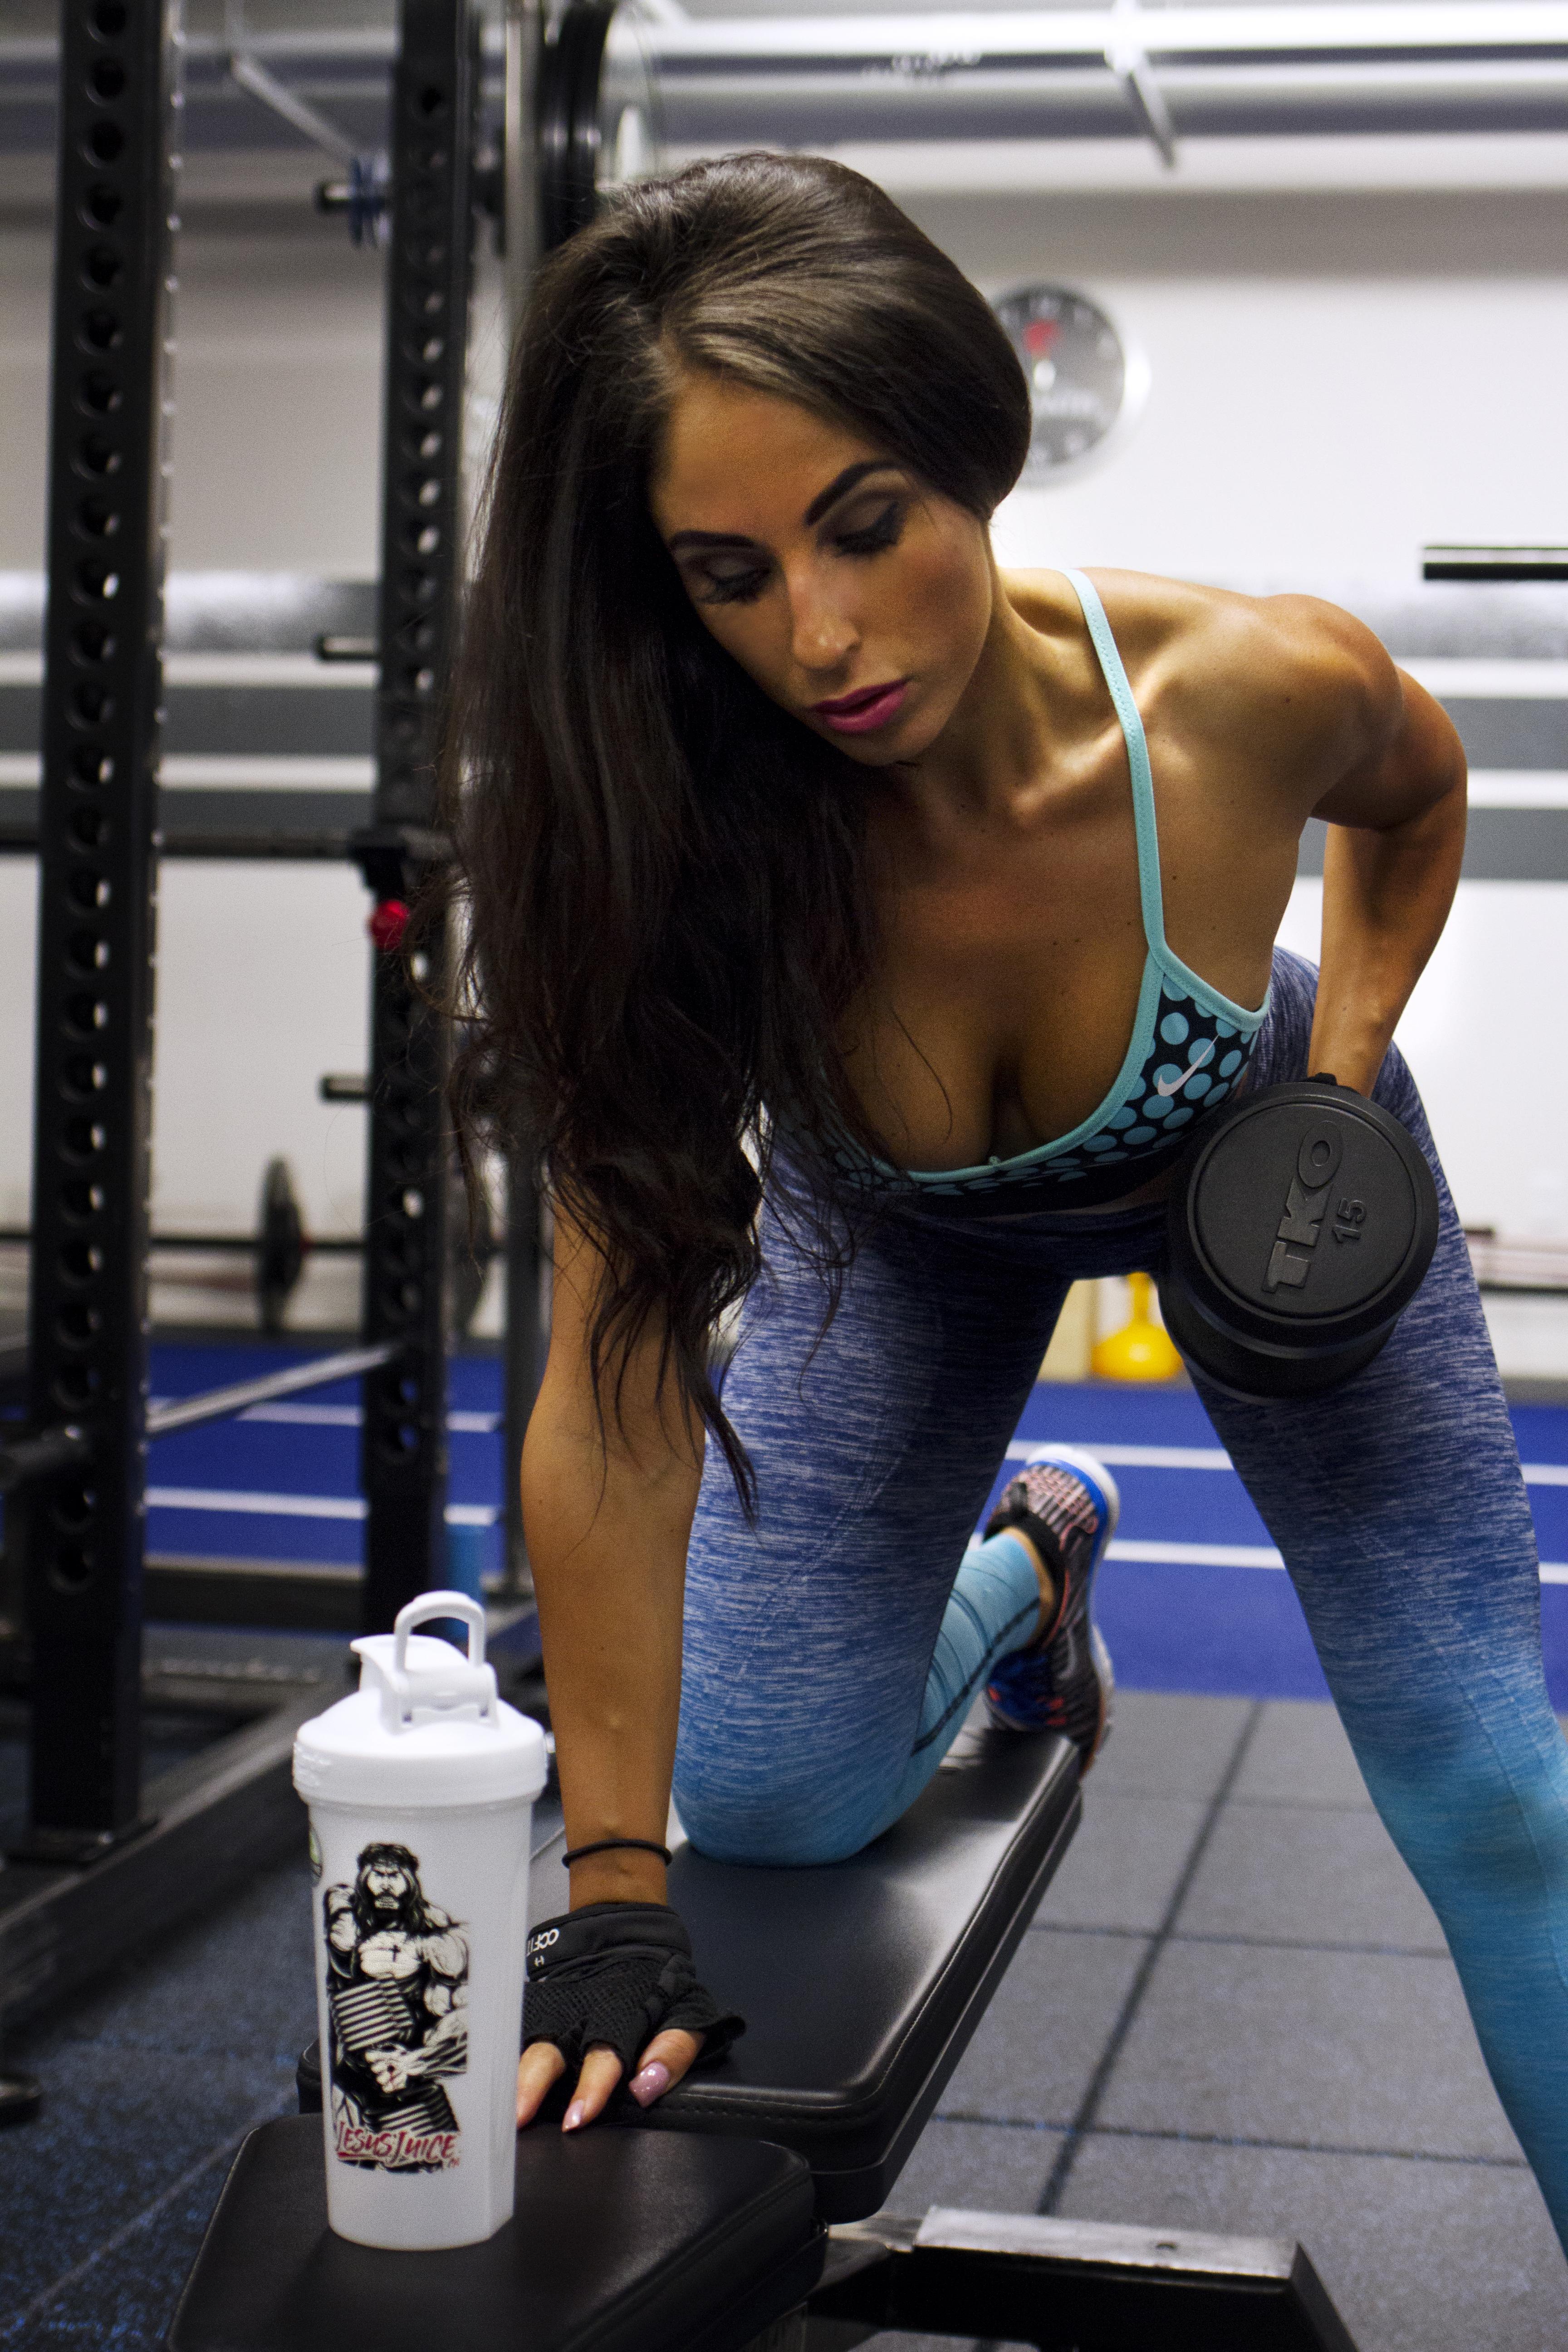 Fitness www.JesusJuice.ca